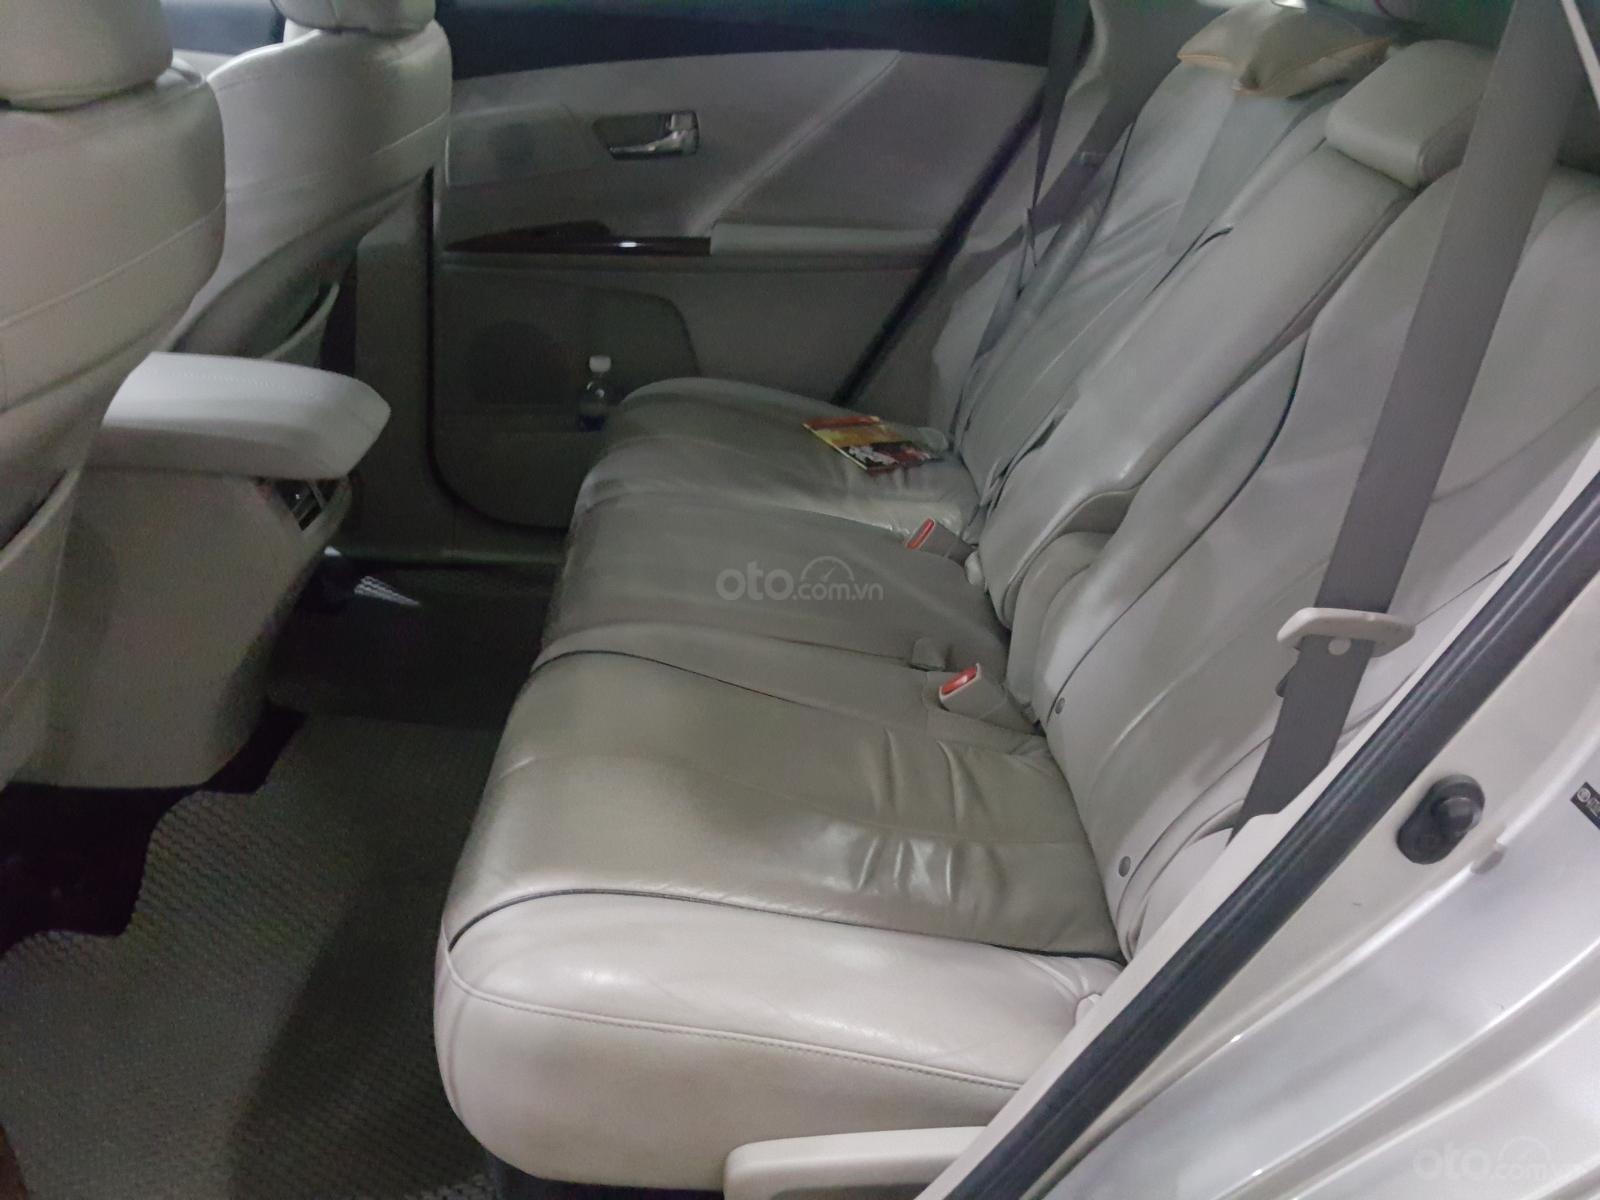 Cần bán Toyota Venza sản xuất 2009 bản full kịch, 1 chủ đi từ mới (6)